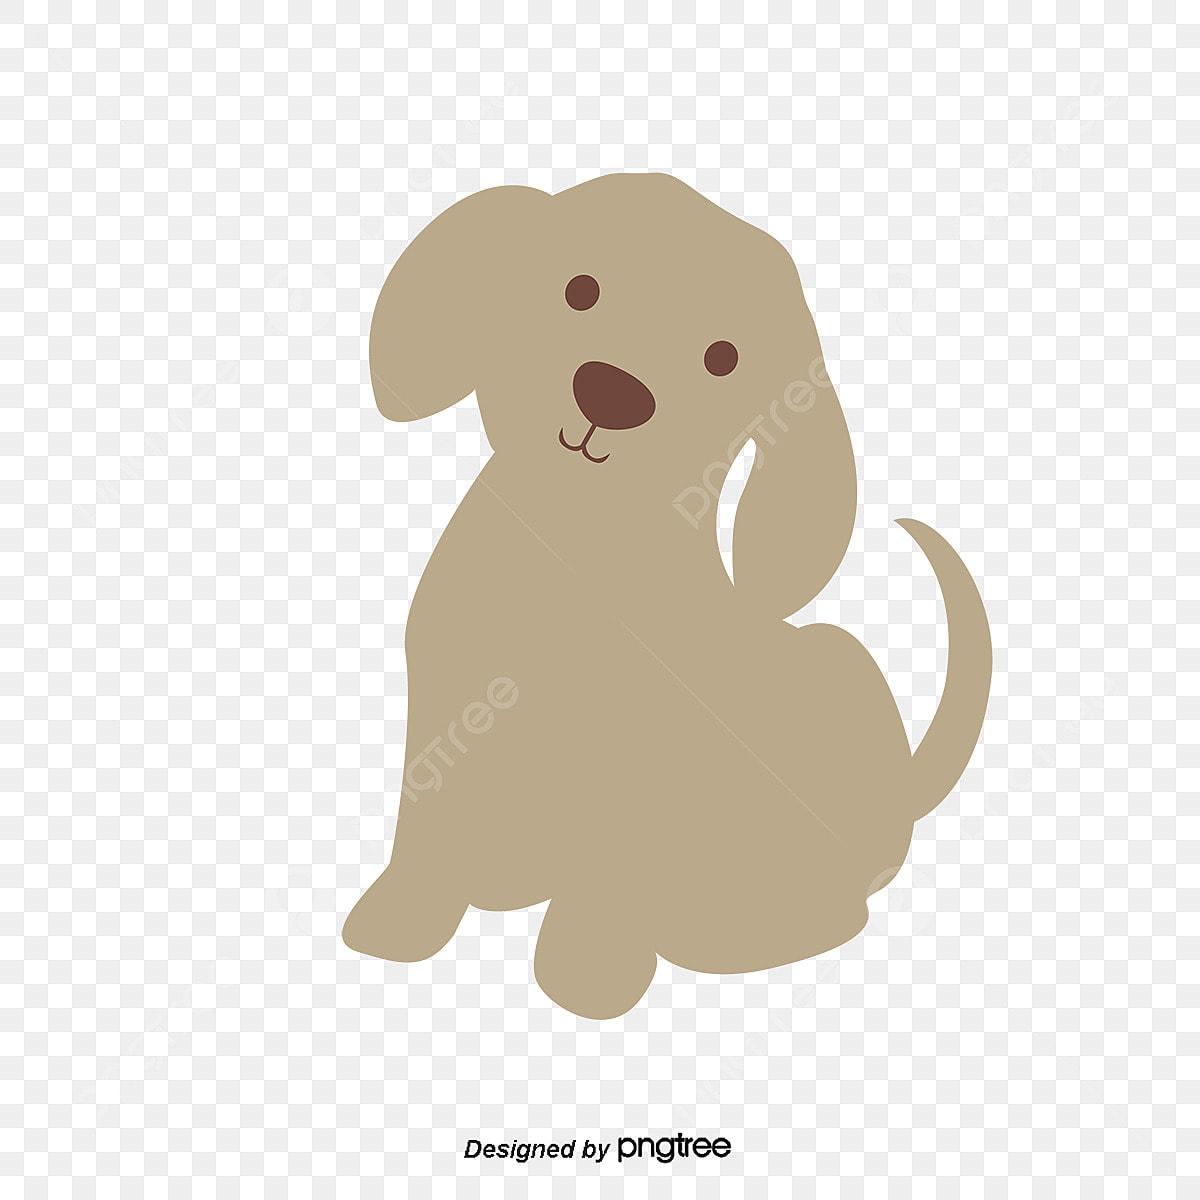 醜萌えパグ犬 呆萌え 壁紙 携帯ケース画像素材の無料ダウンロードの